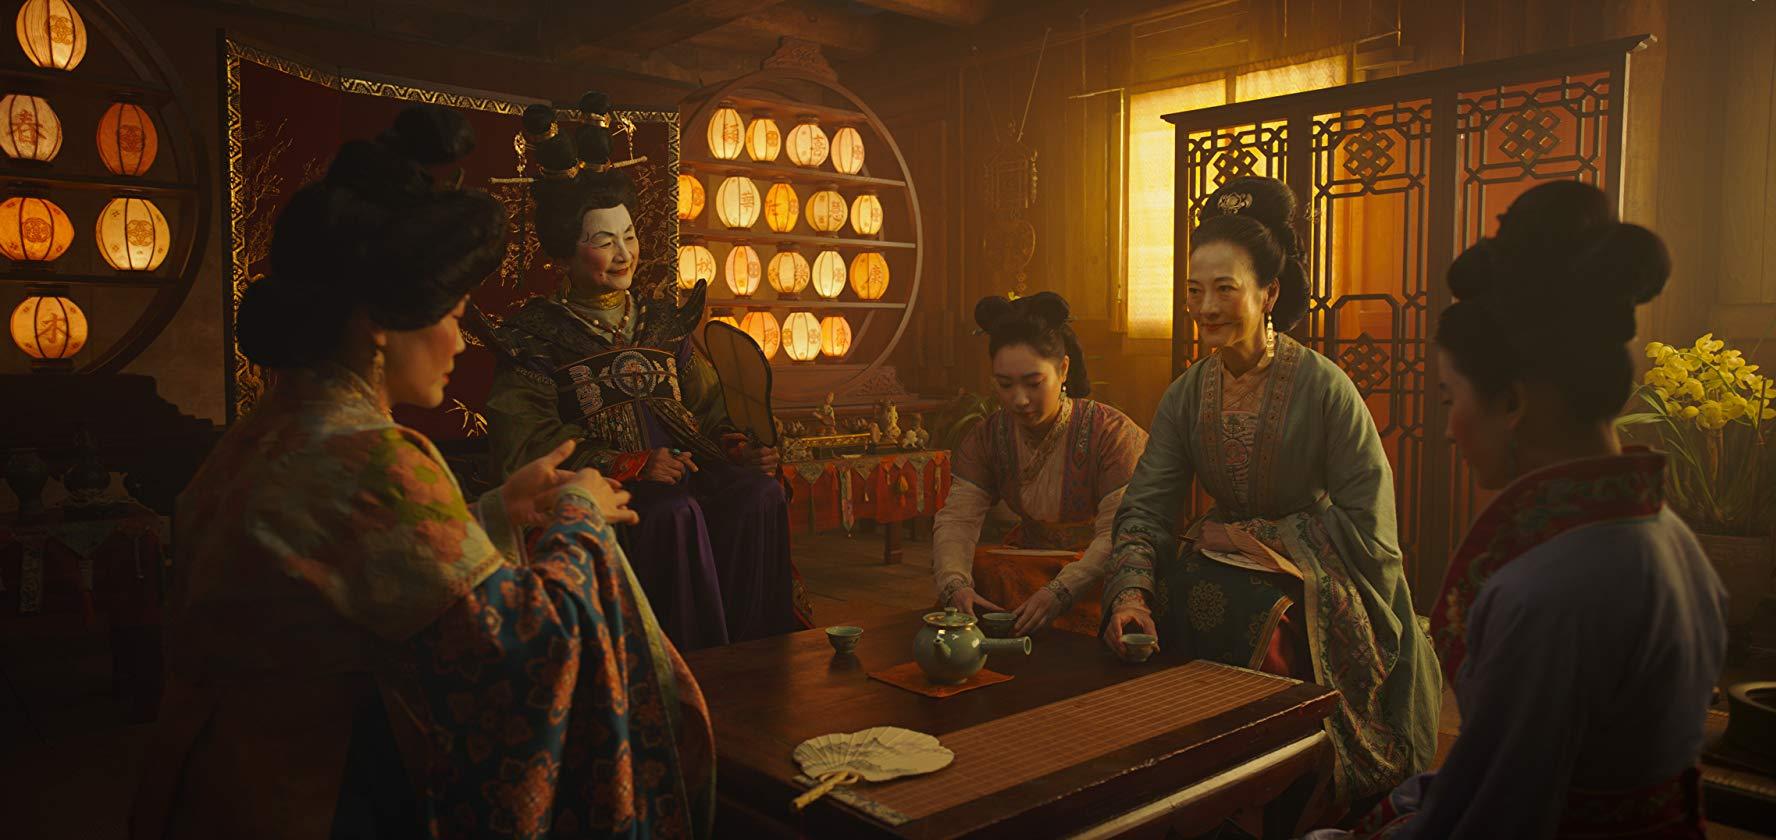 Rosalind Chao, Pei-Pei Cheng, Yifei Liu, and Xana Tang in Mulan (2020)